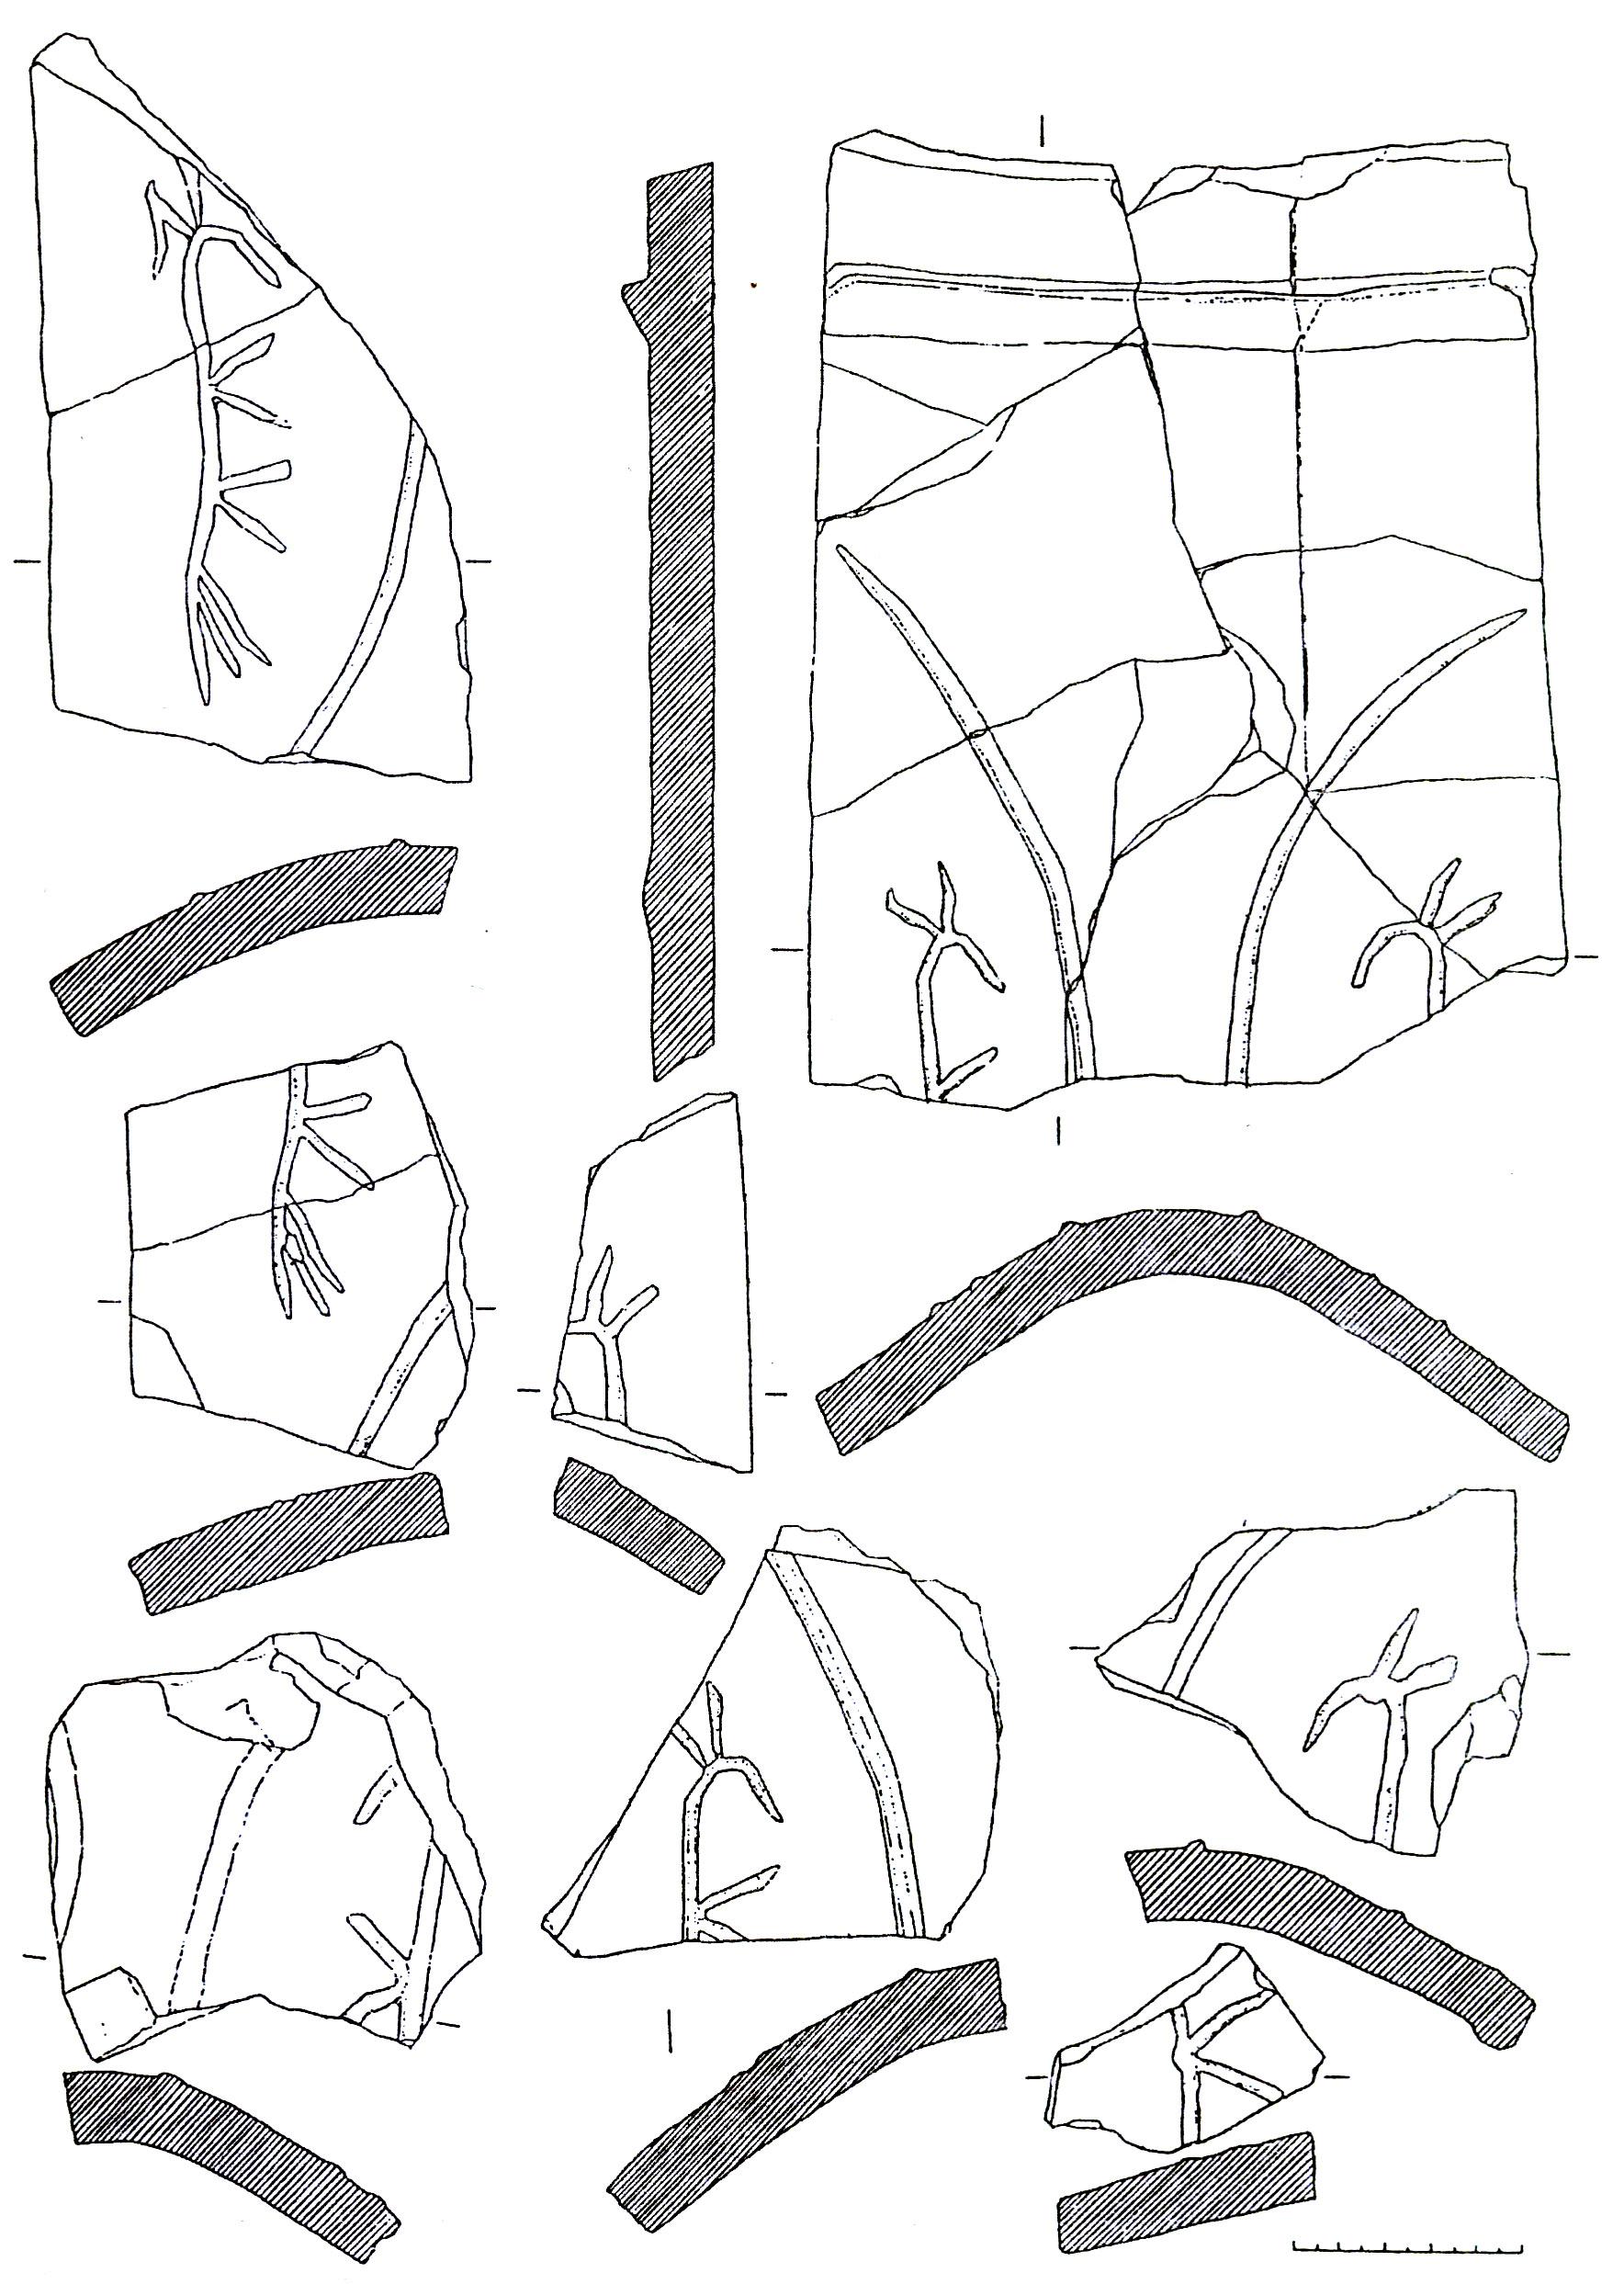 Рис. 5. Калиптеры с метками в виде стилизованных изображений лошади или осла из раскопок храма на северо-восточном склоне Аю-Дага (п. 26).